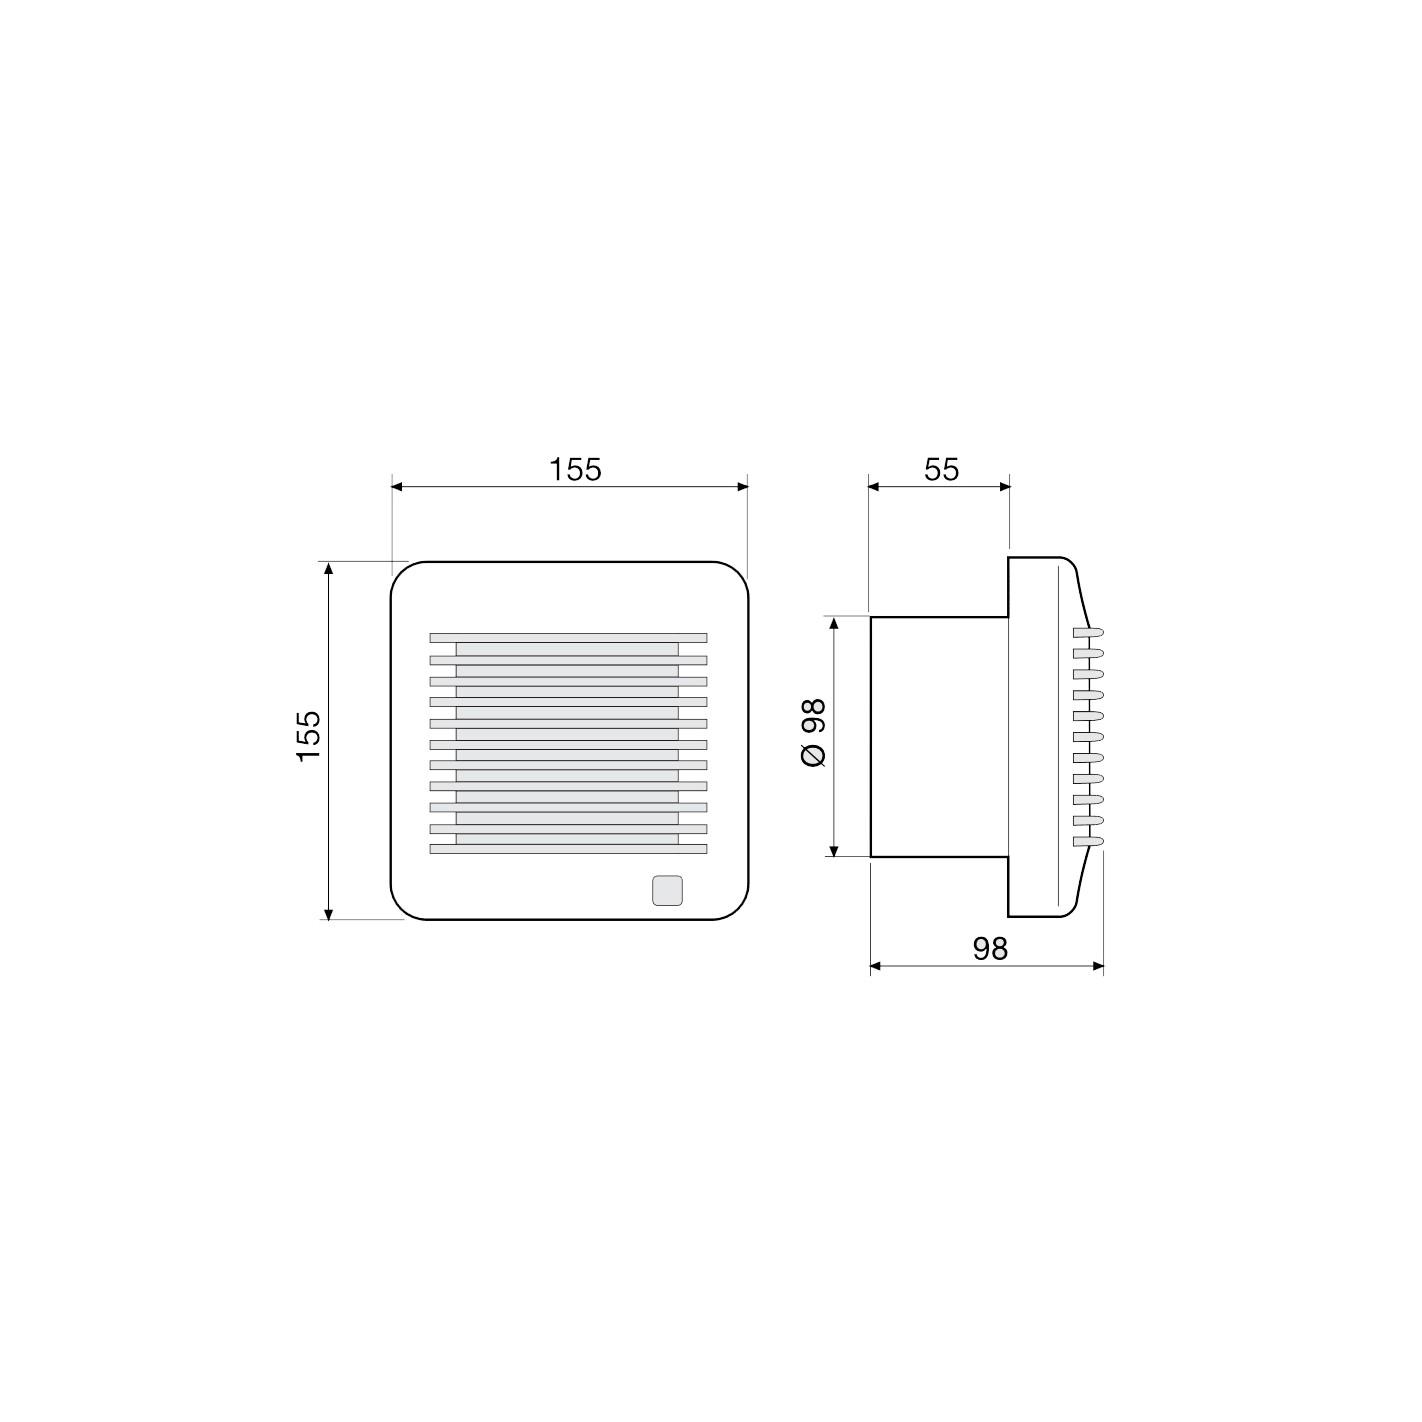 Extractor De Baño A Pilas:CLIMATIZACIÓN > Extractores de baño > Extractor de baño S&P Edm